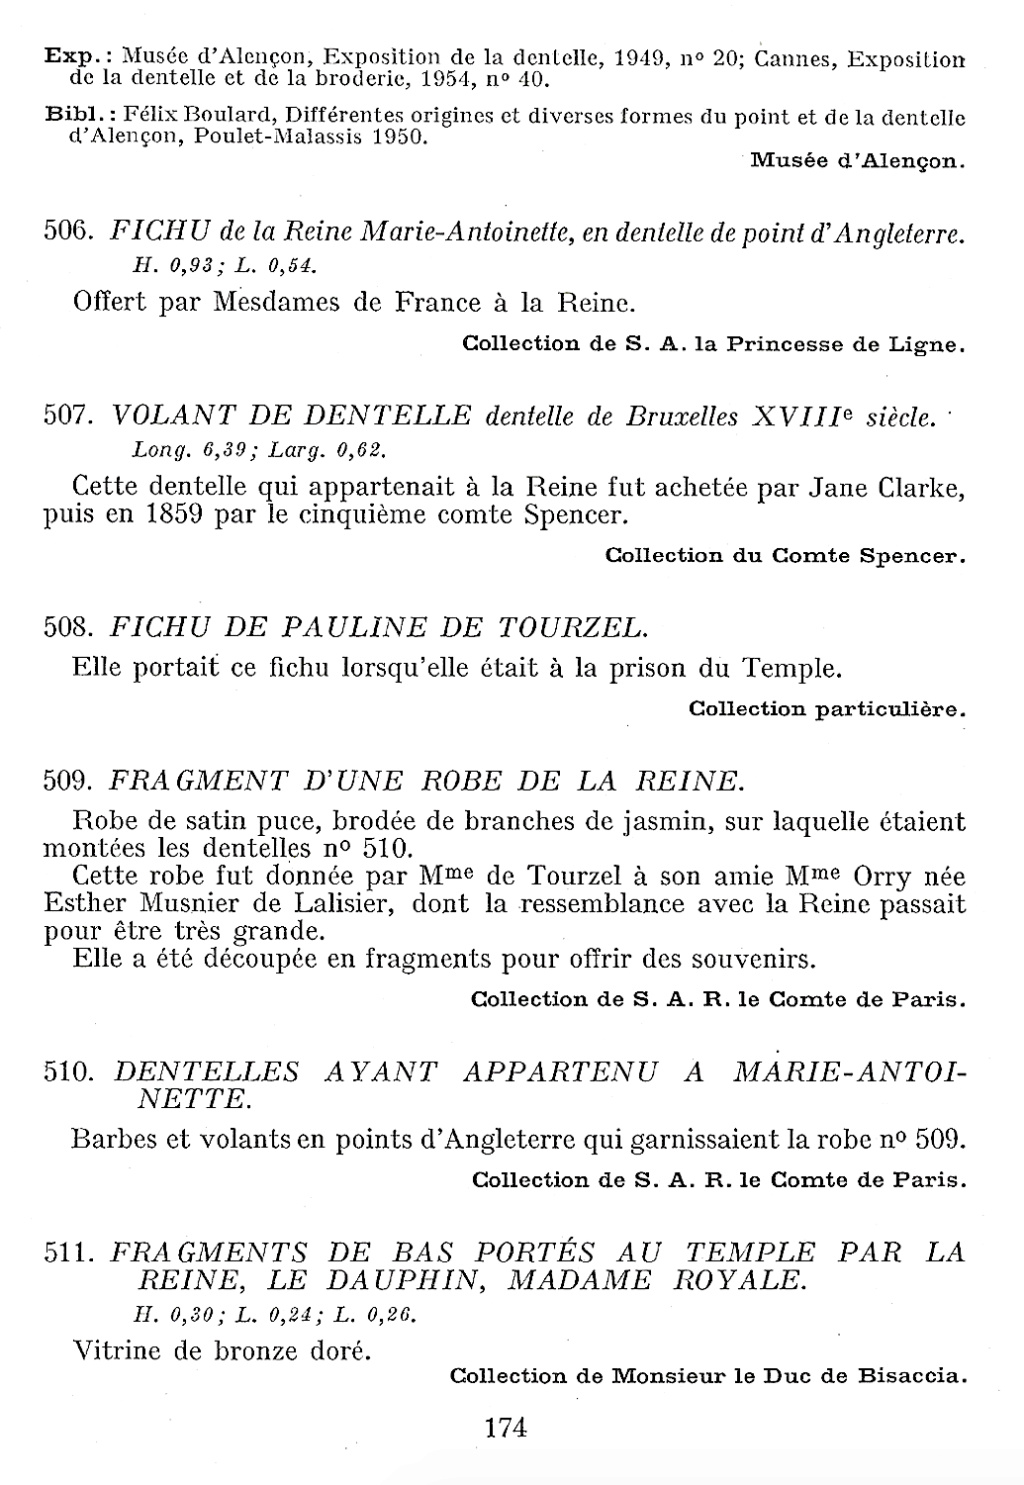 Fragments des robes de Marie-Antoinette - Page 3 Capt2858